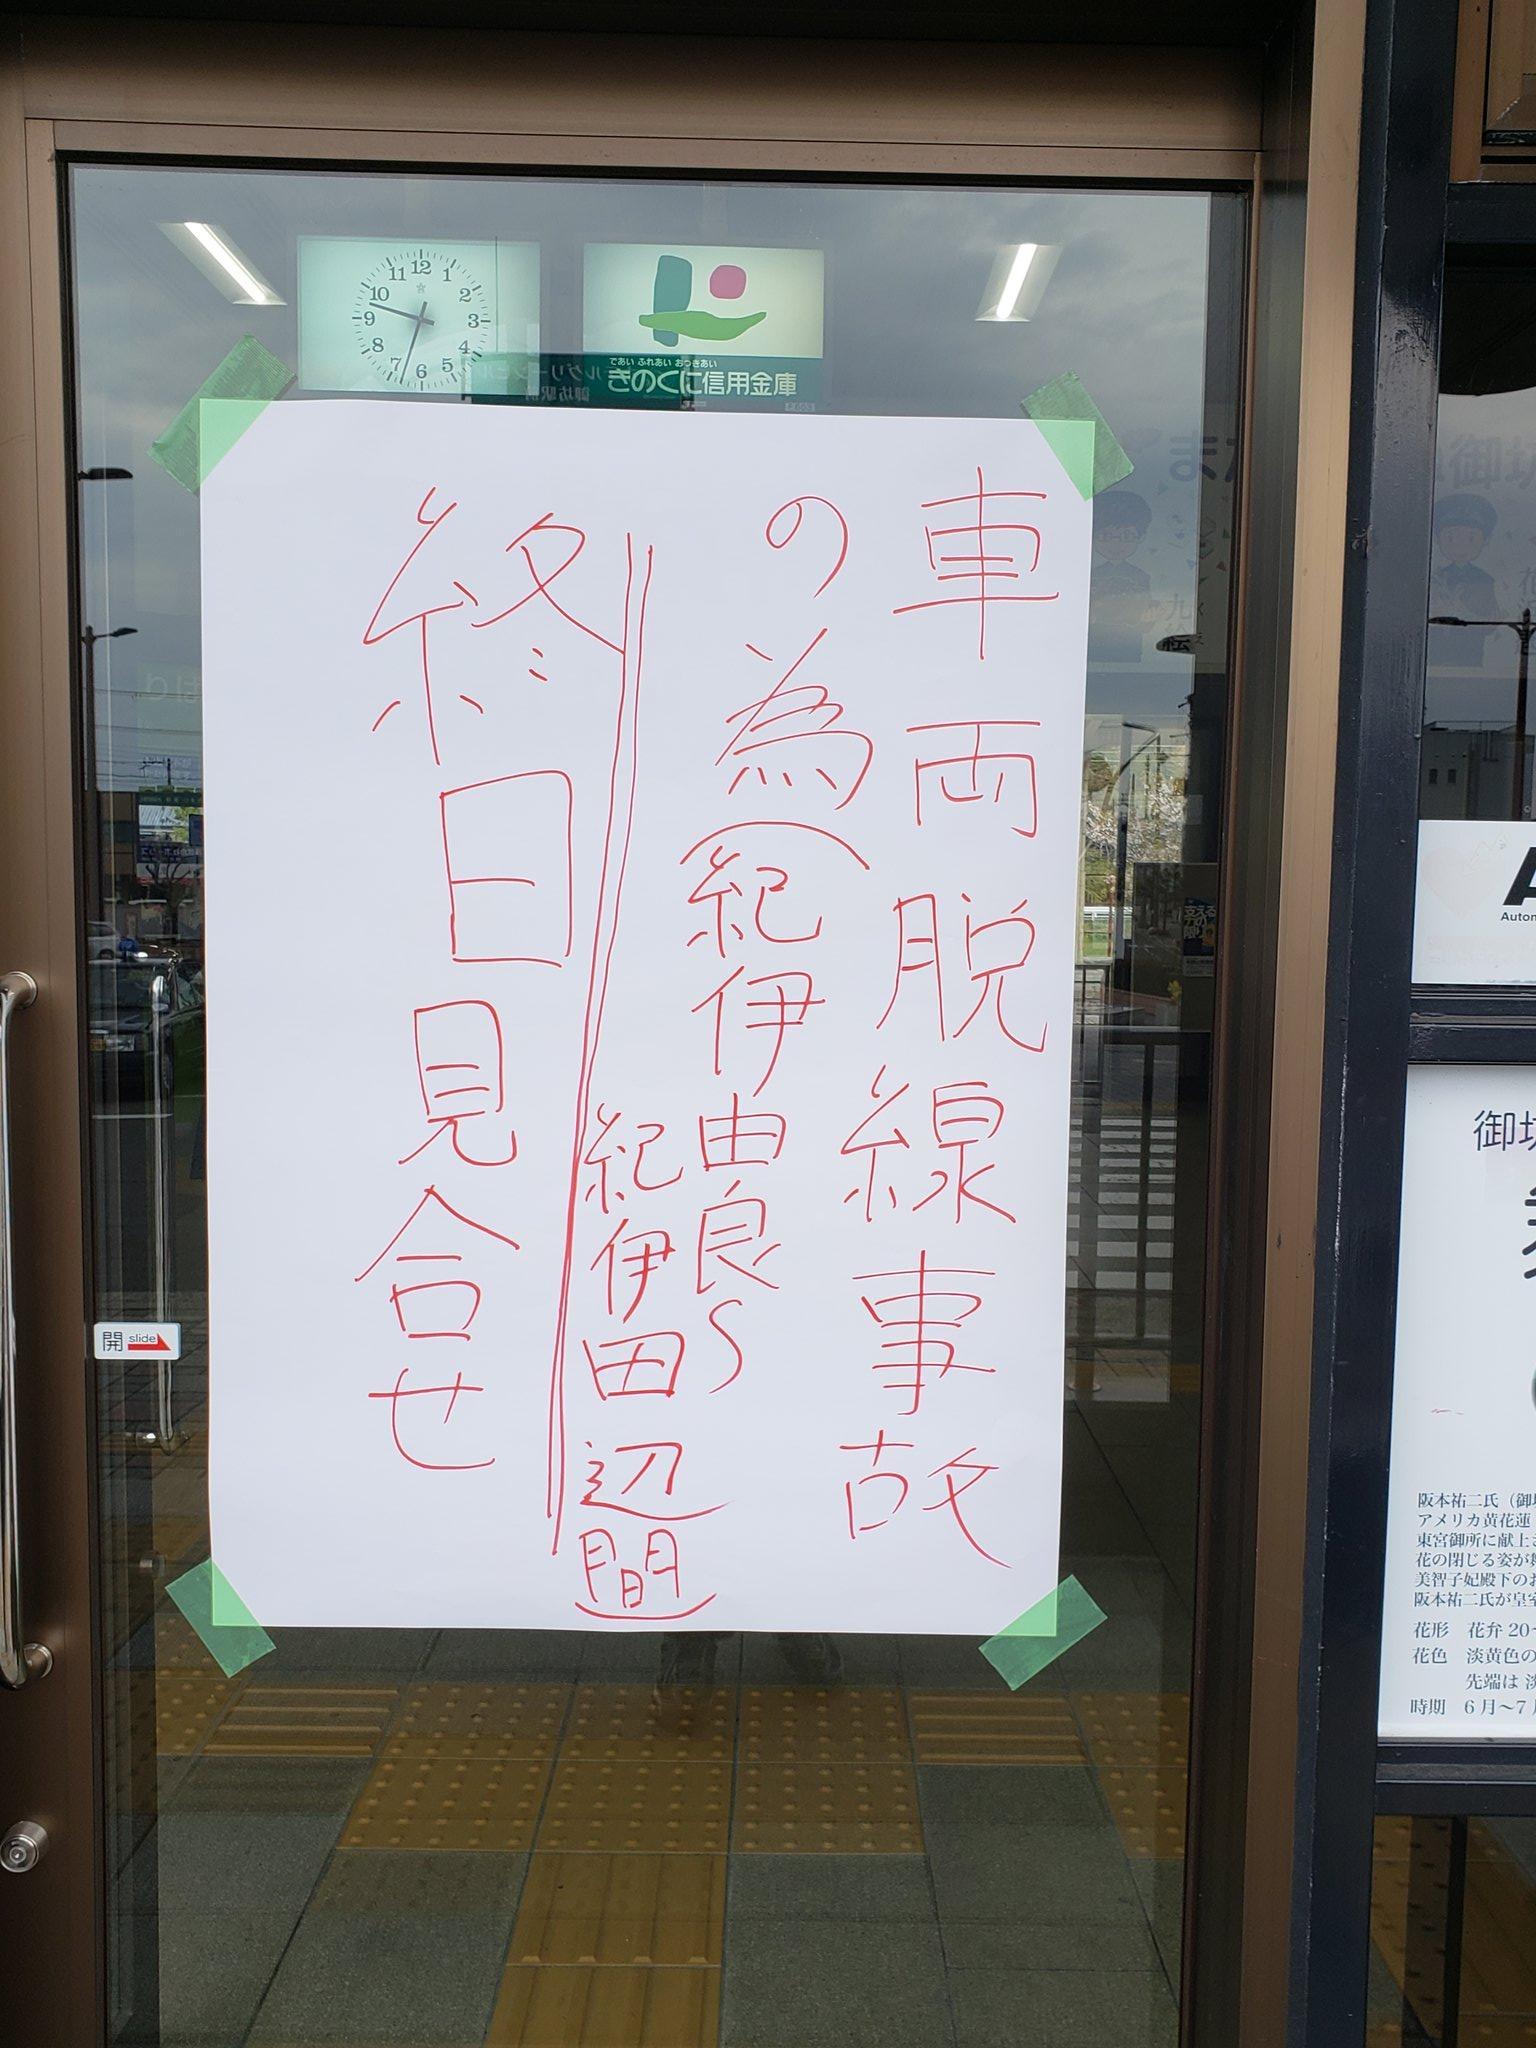 画像,御坊駅駅員さんに聞いたところ復旧までには相当の時間がかかり、本日は運休だそう和歌山方面に行く場合は今停車しているバスに乗車いただくかタクシーで紀伊由良駅まで行っ…